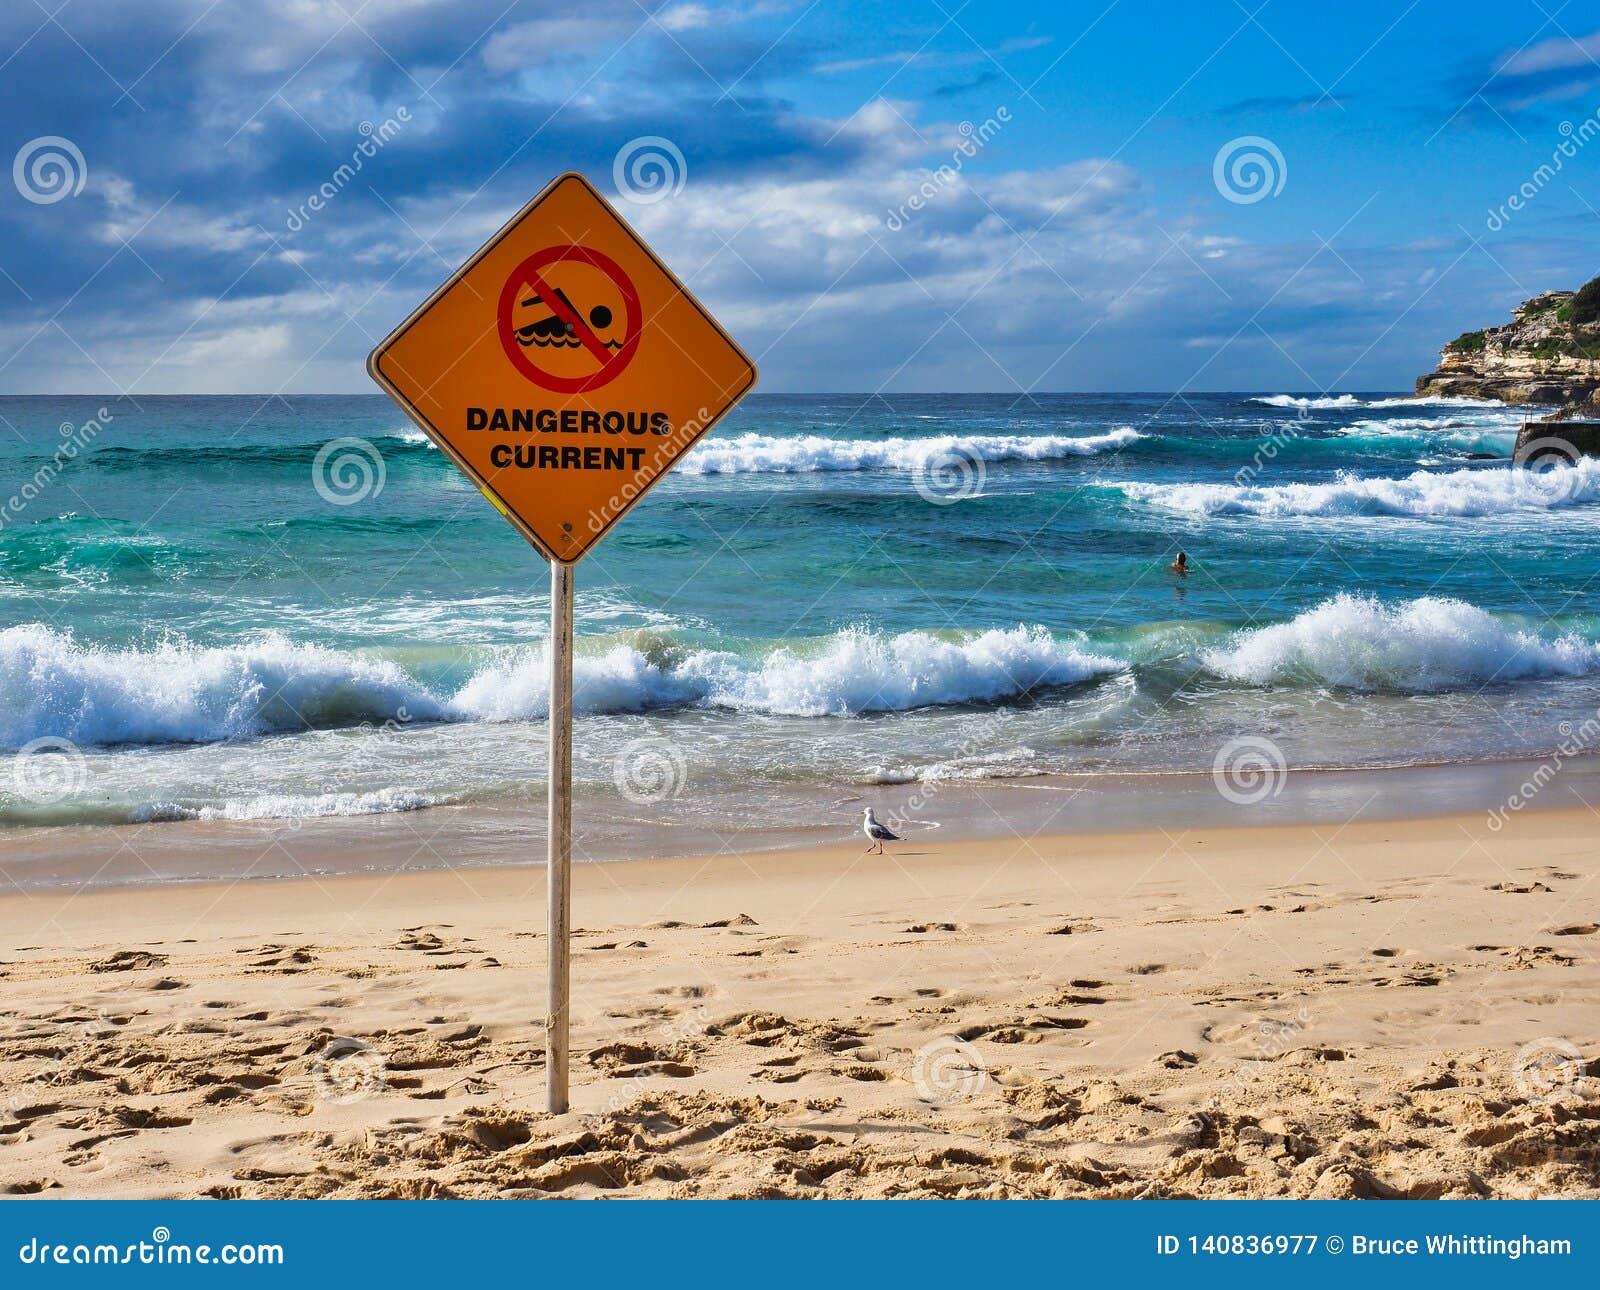 Señal de peligro actual peligrosa en la playa de Bondi, Sydney, Australia